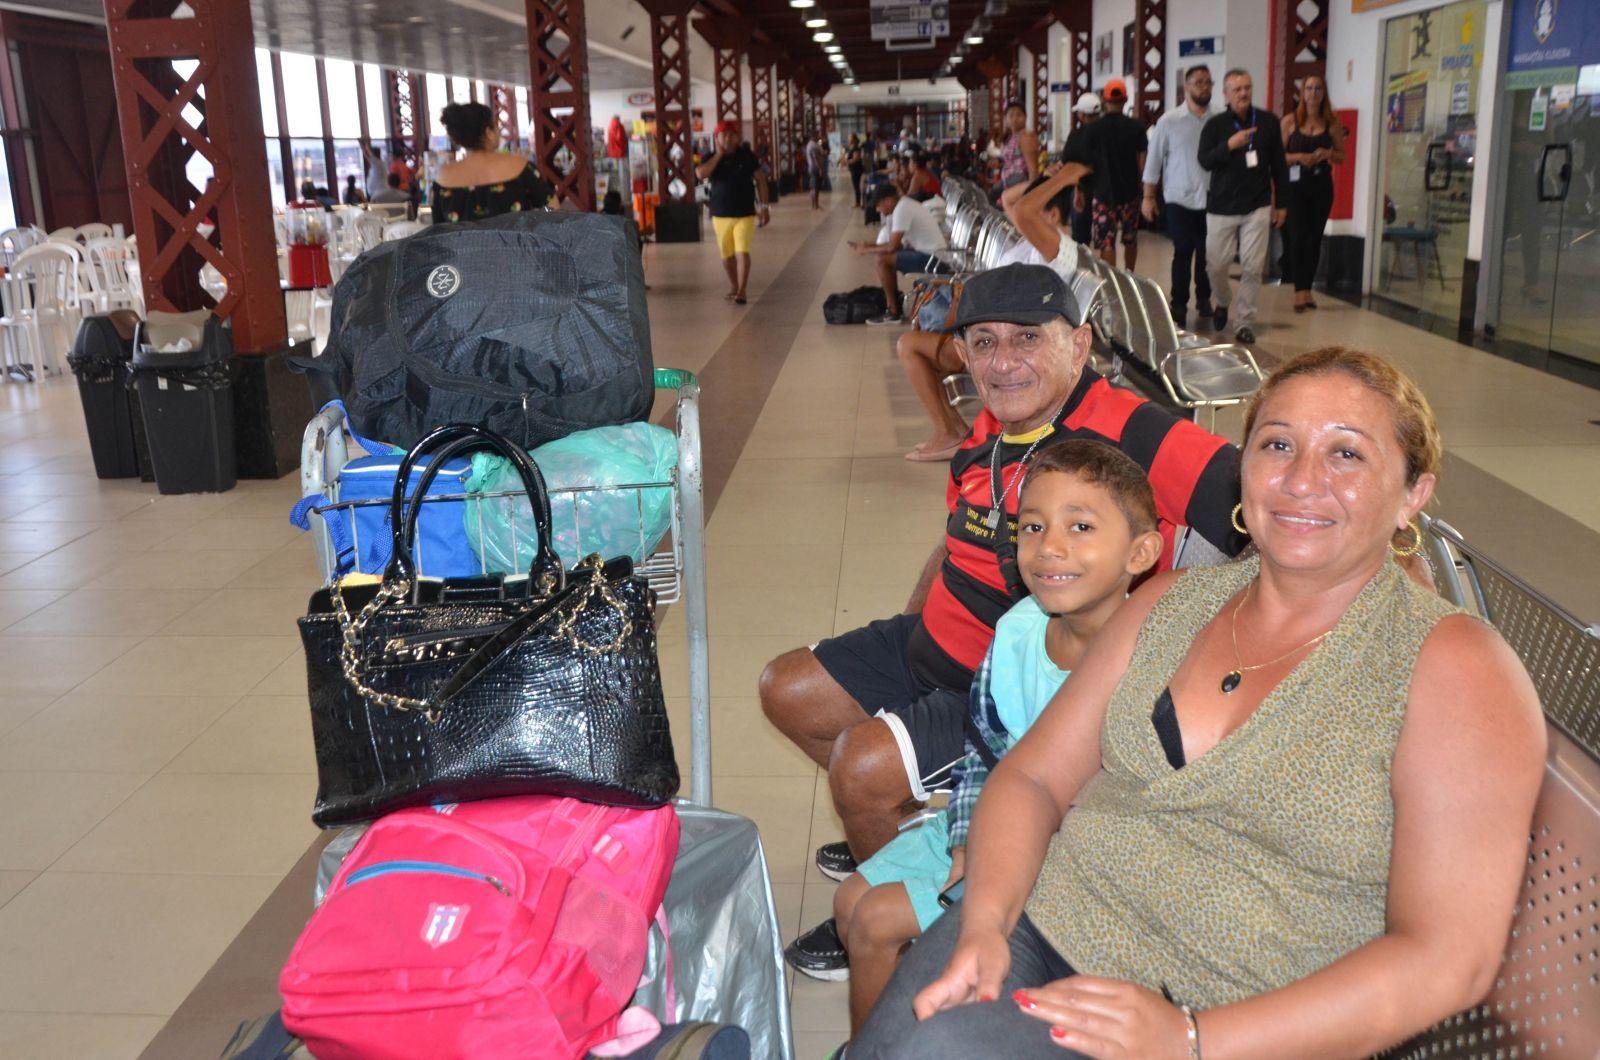 Sandra Rita Abdon saiu de Soure, no Marajó, para visitar a família em Macapá, no Amapá